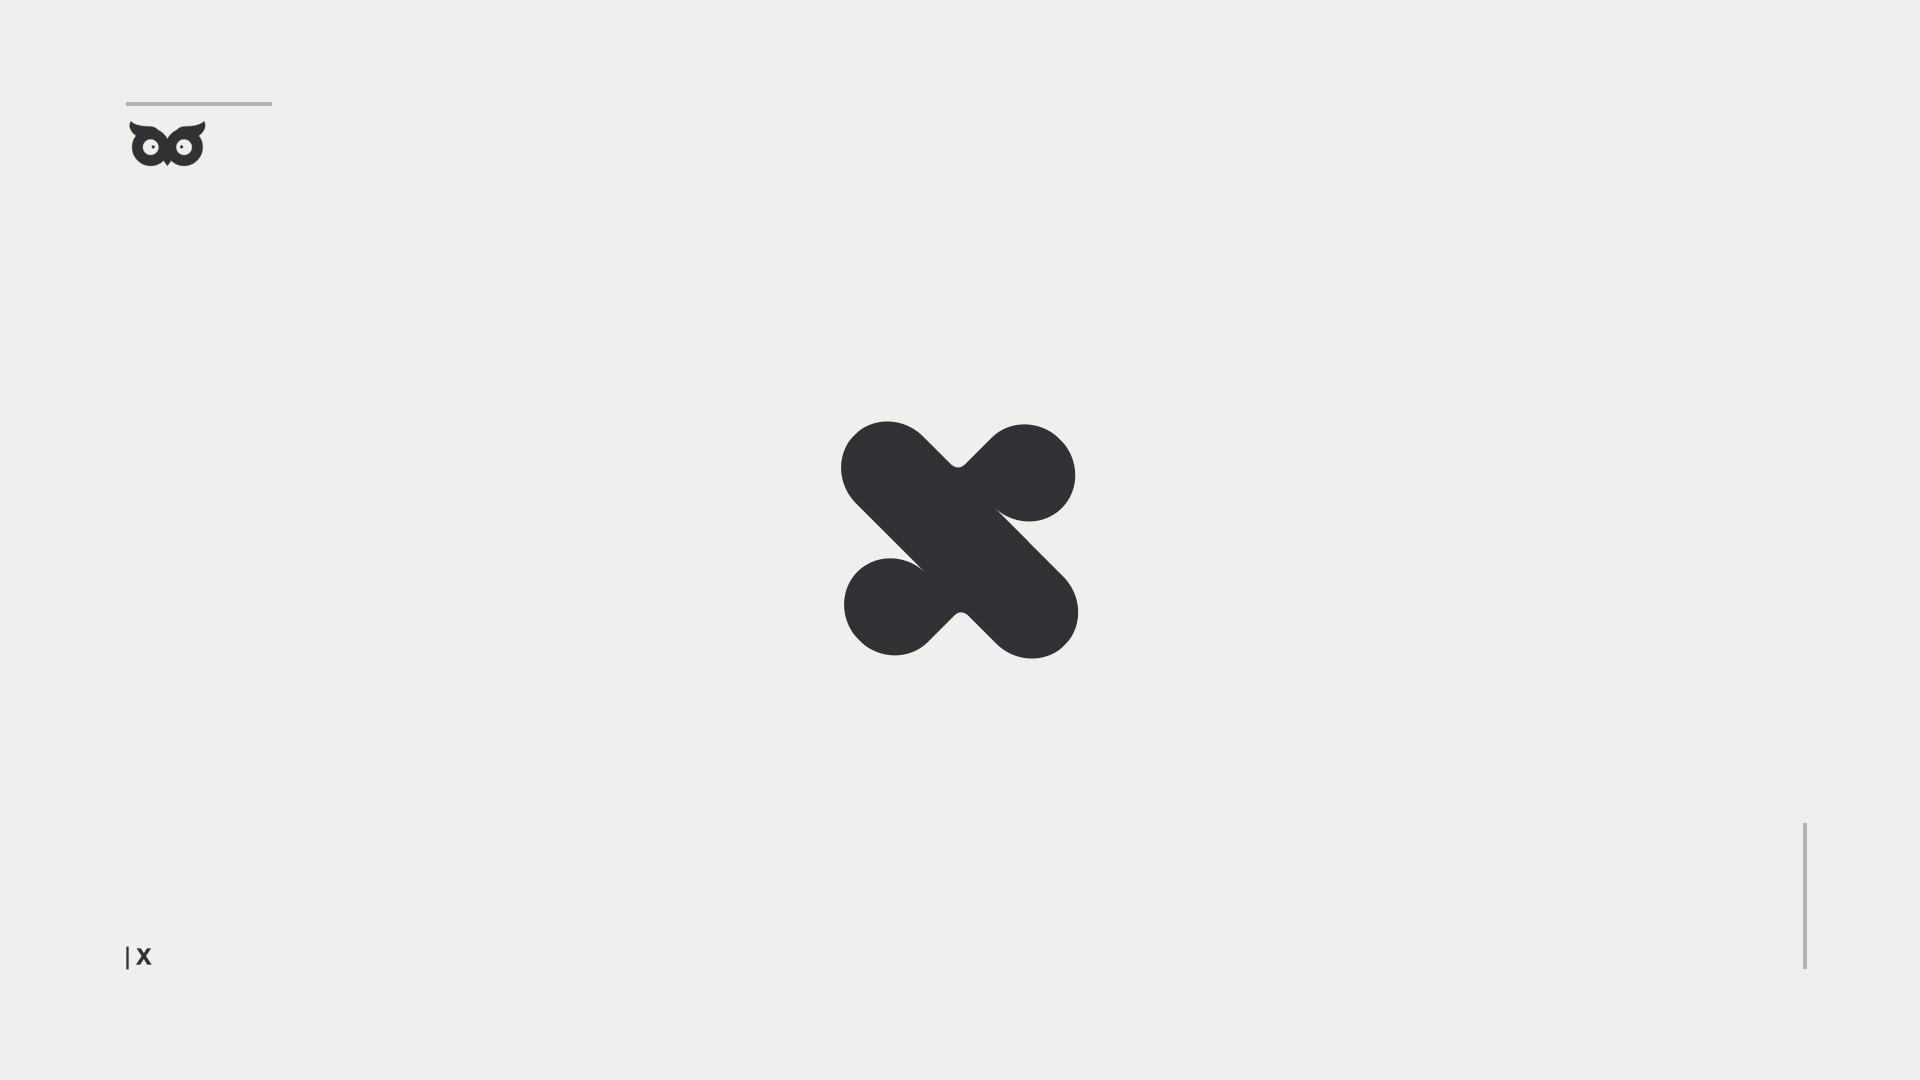 Symboles-Collection-WOOPStudio-21.jpg